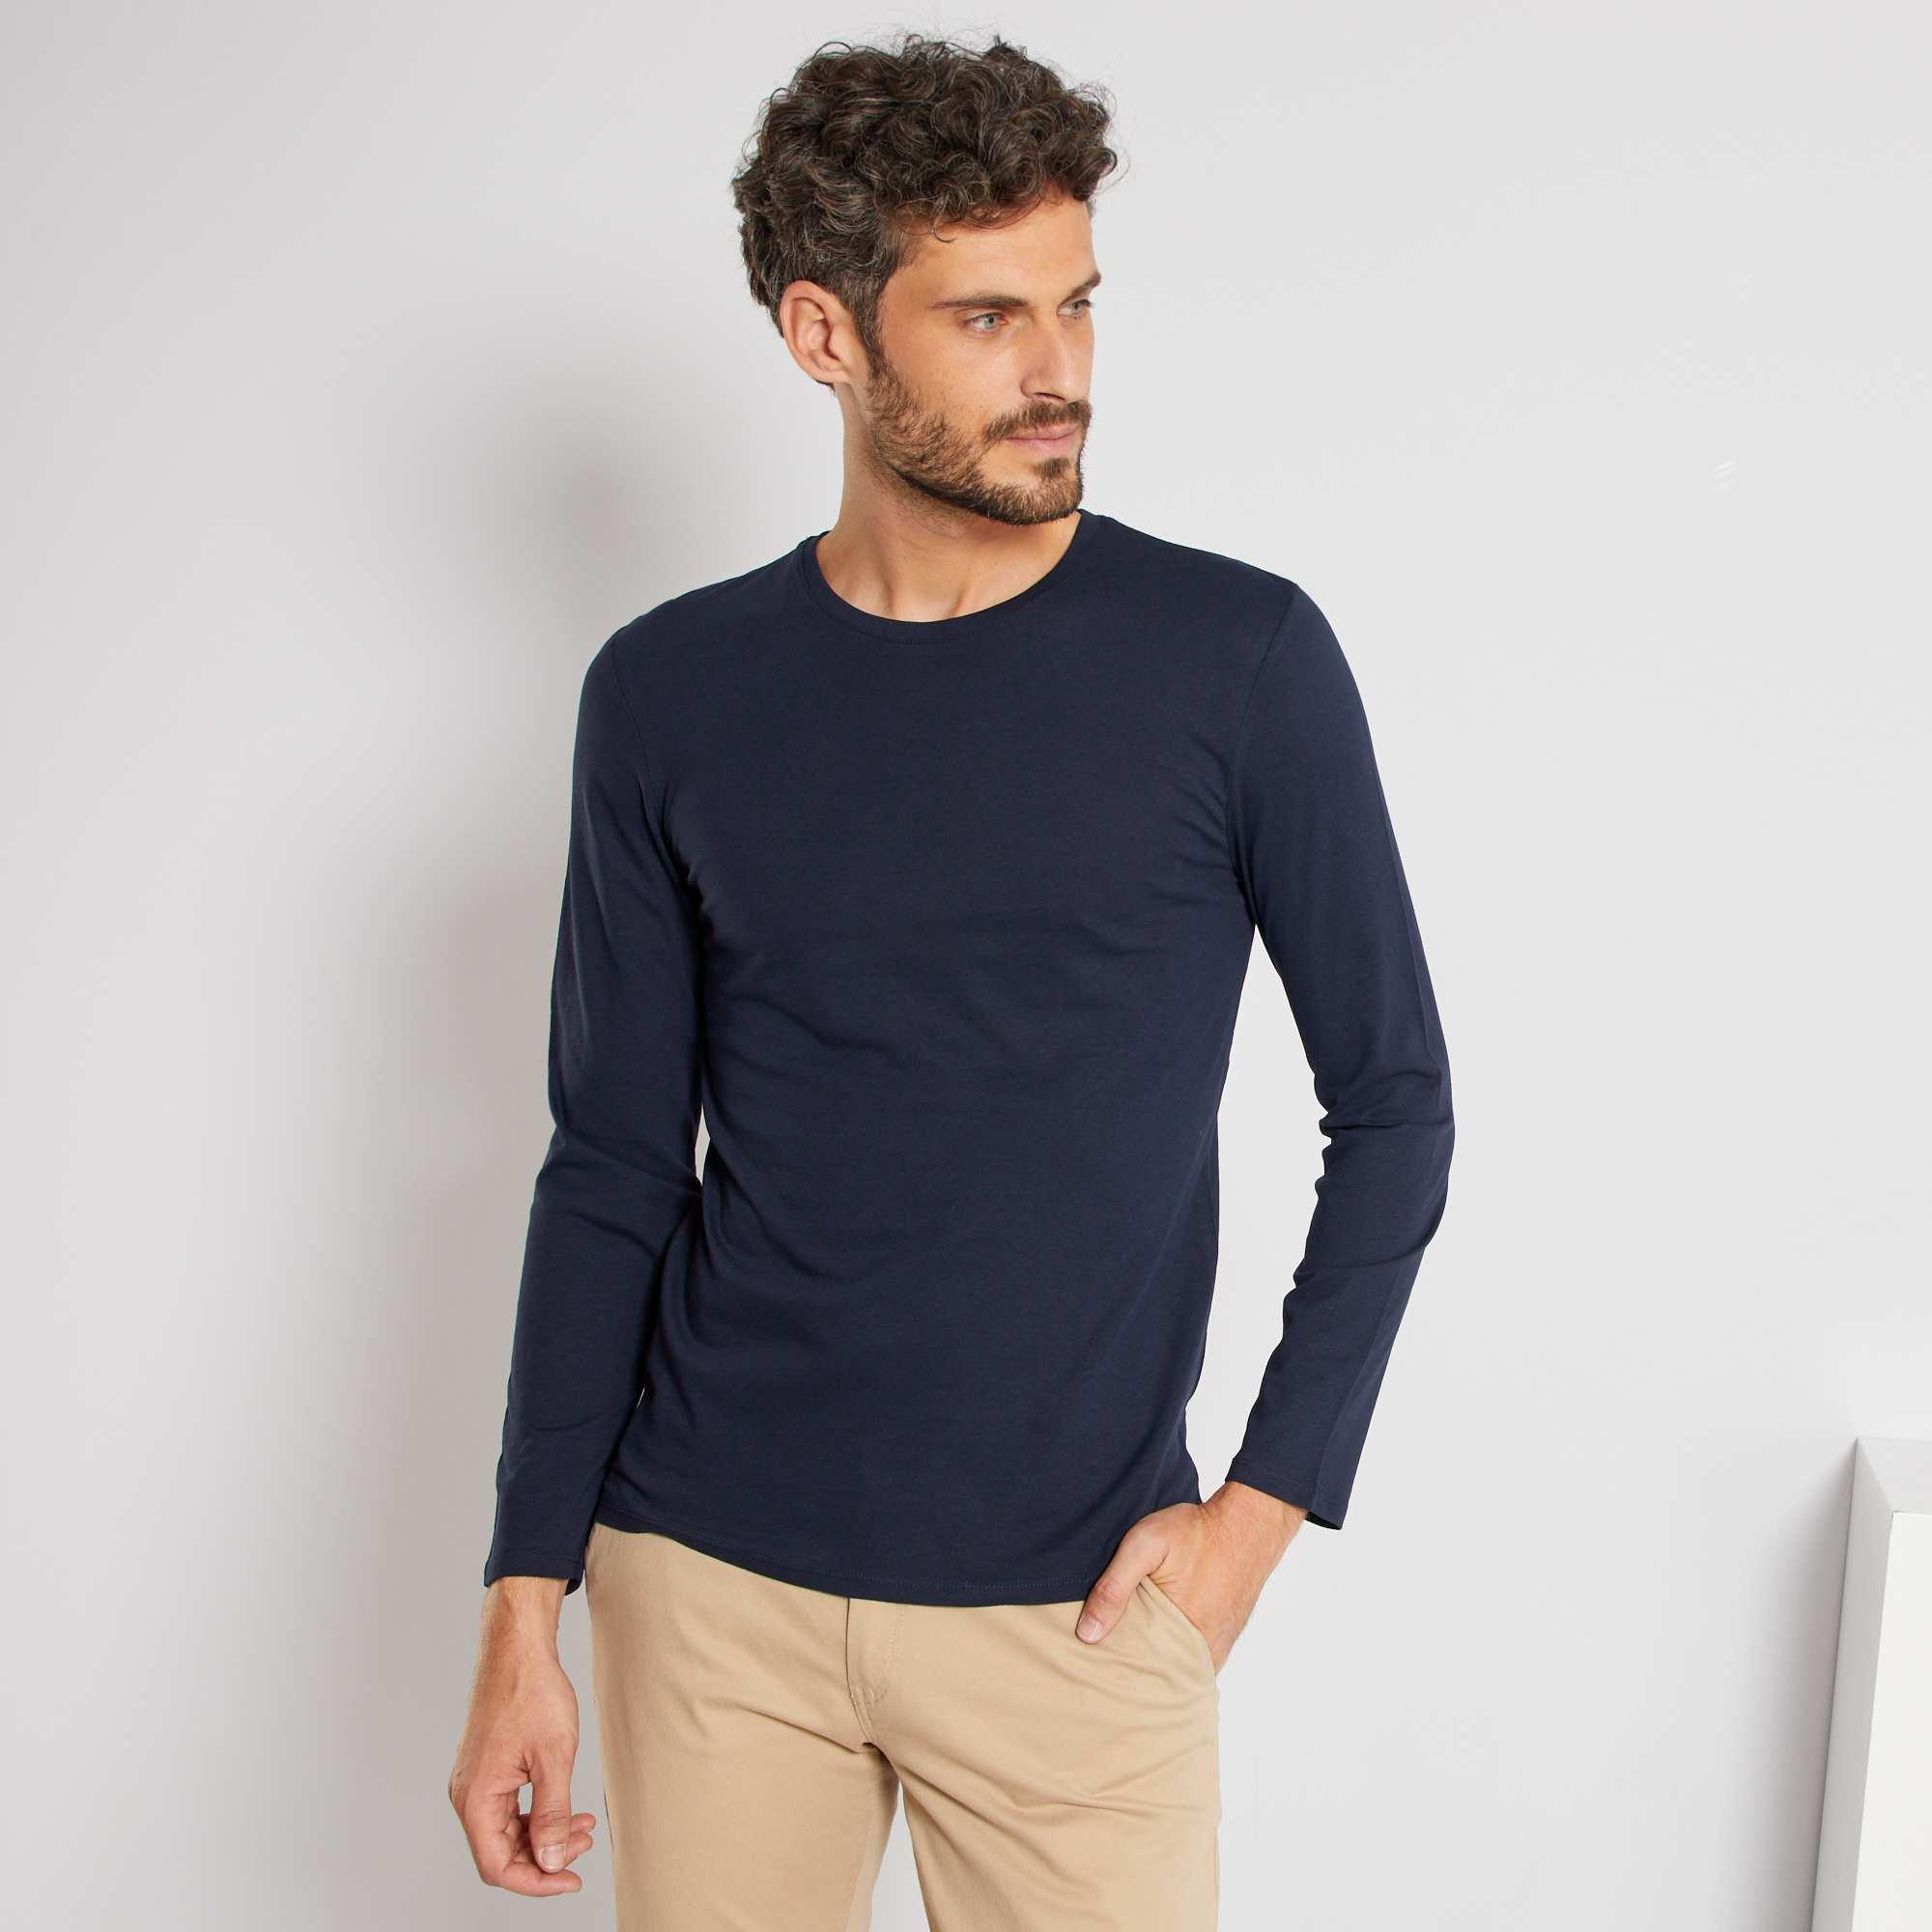 Couleur : blanc, noir, gris chiné,bleu marine, - Taille : XL, L, XXL,M,SLe basique à coordonner selon vos envies. - Tee-shirt en maille jersey pur coton -